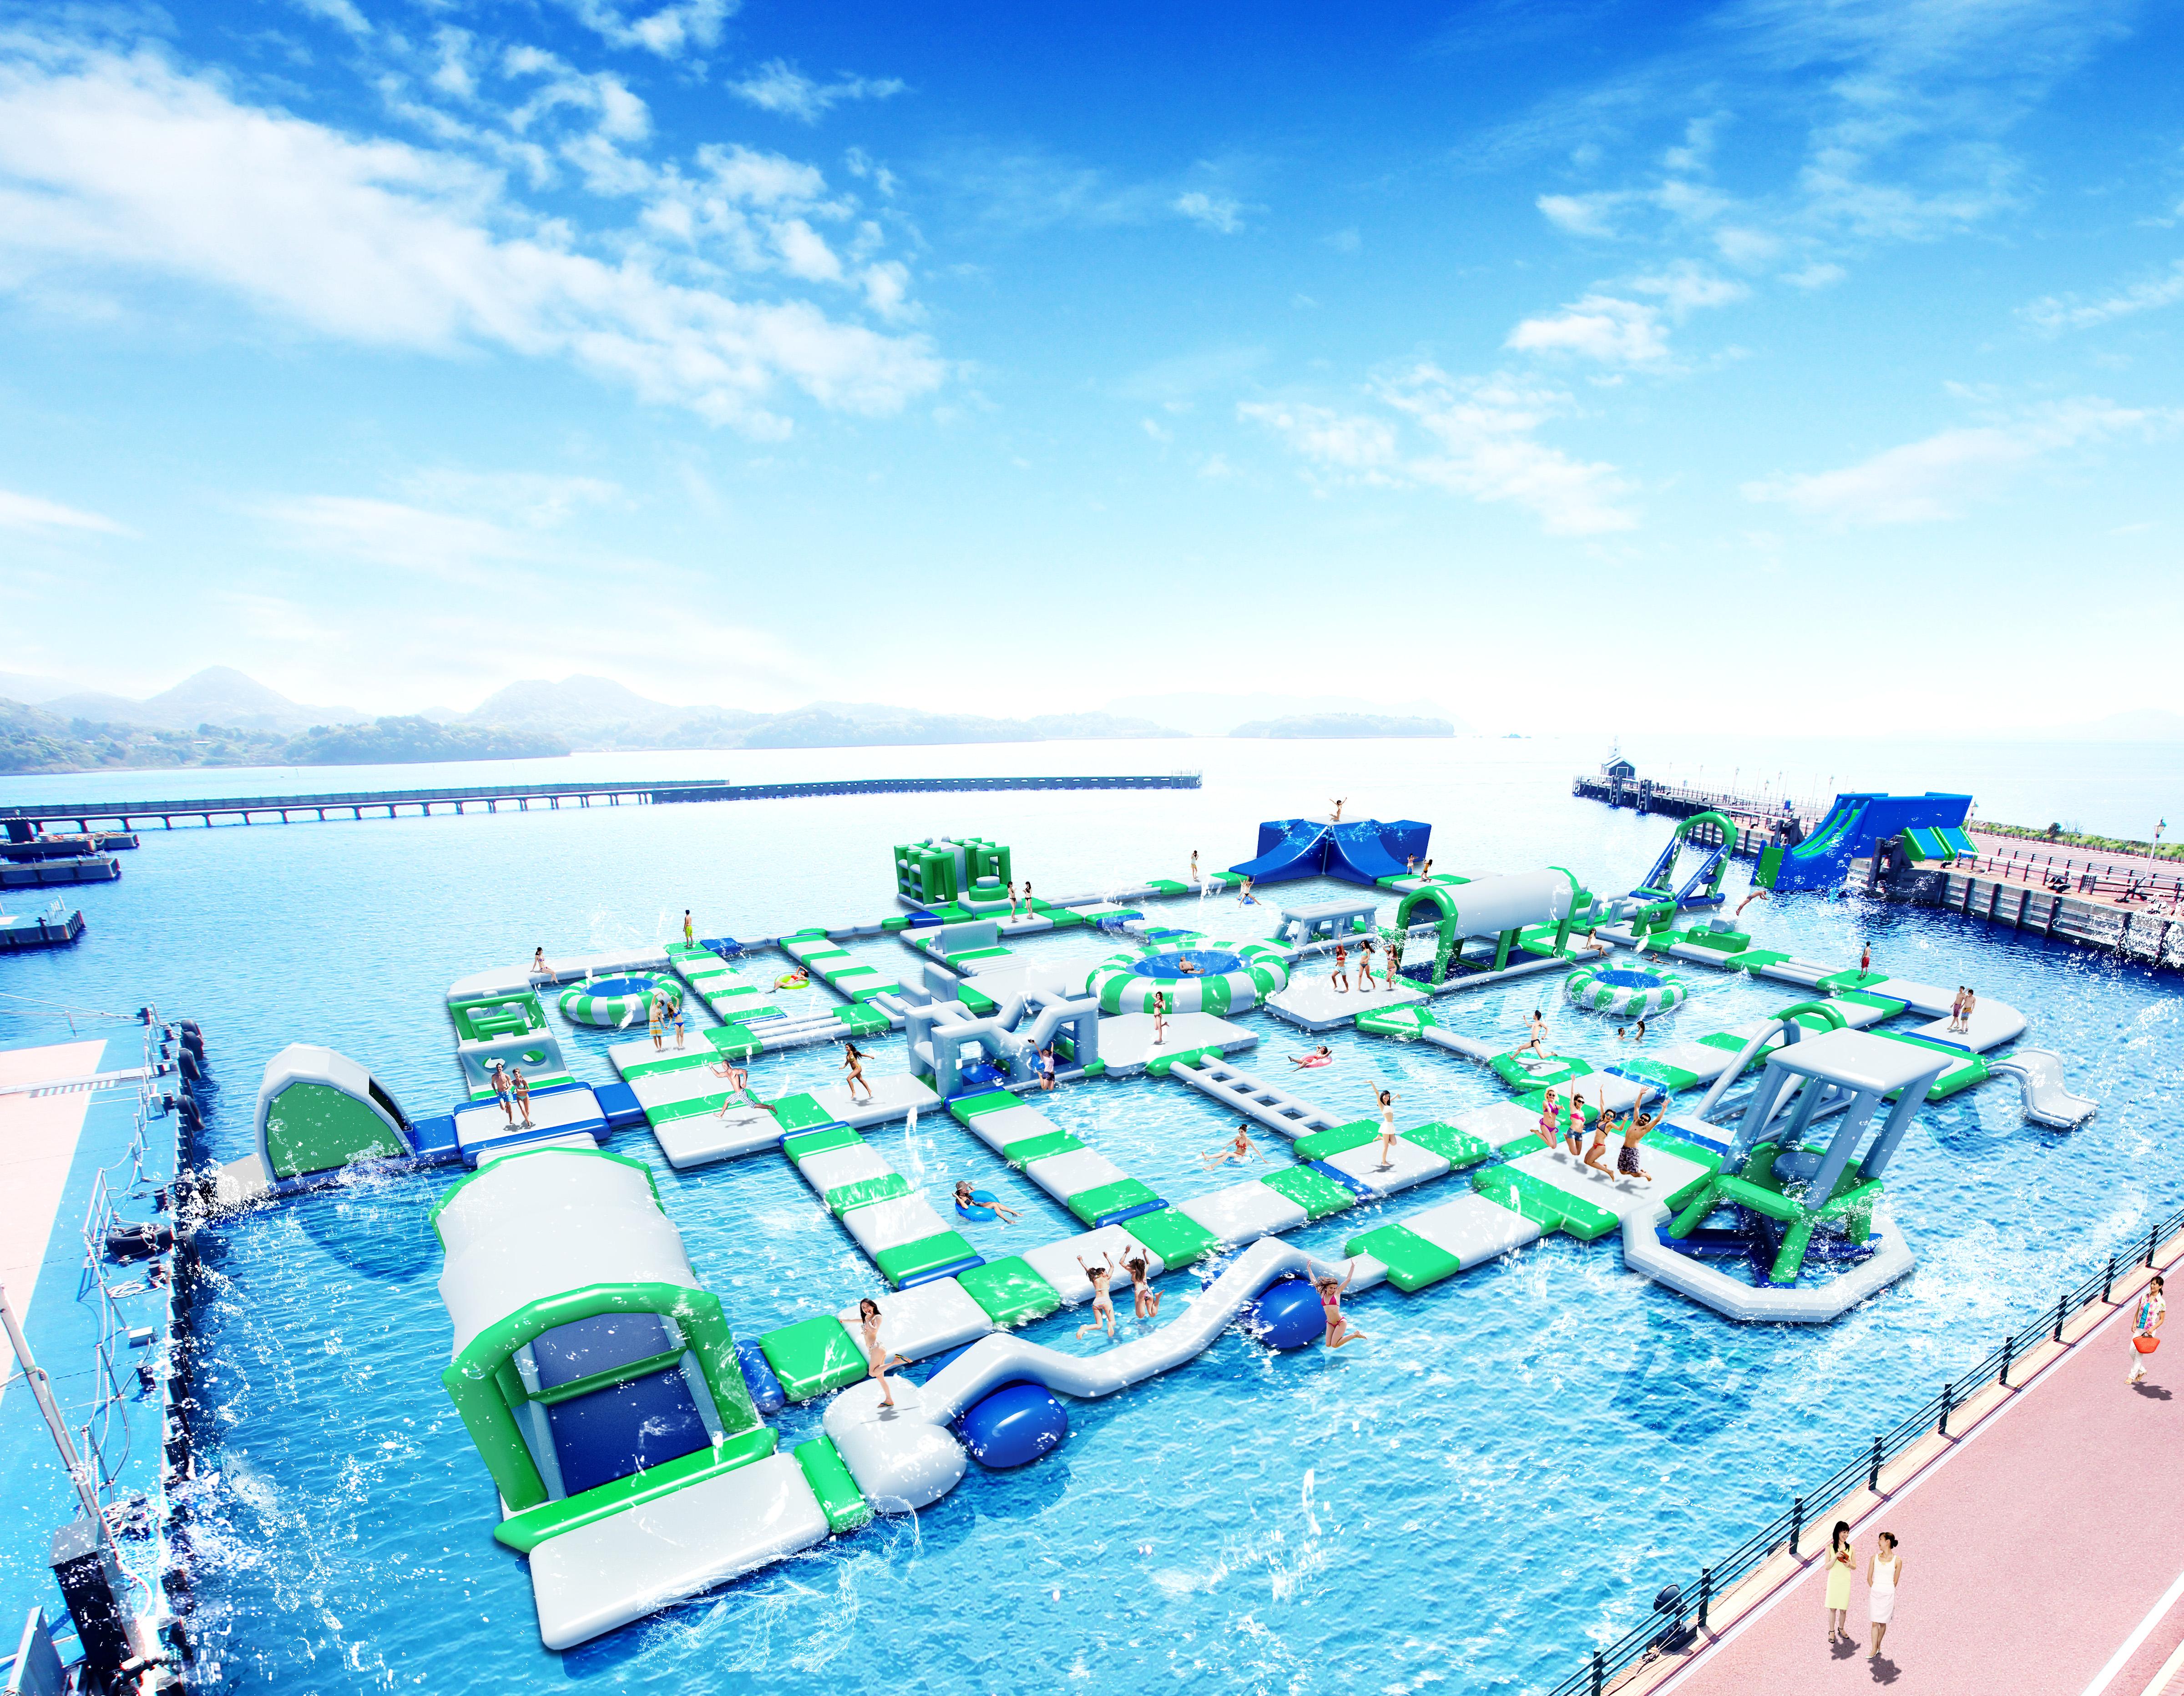 ●【7月平日出発限定】平日出発でさらにお得になりました♪日本最大級の海上ウォーターパーク!夏を涼しく楽しもう!<博多又は天神発>往復バスで行くハウステンボス日帰りプラン